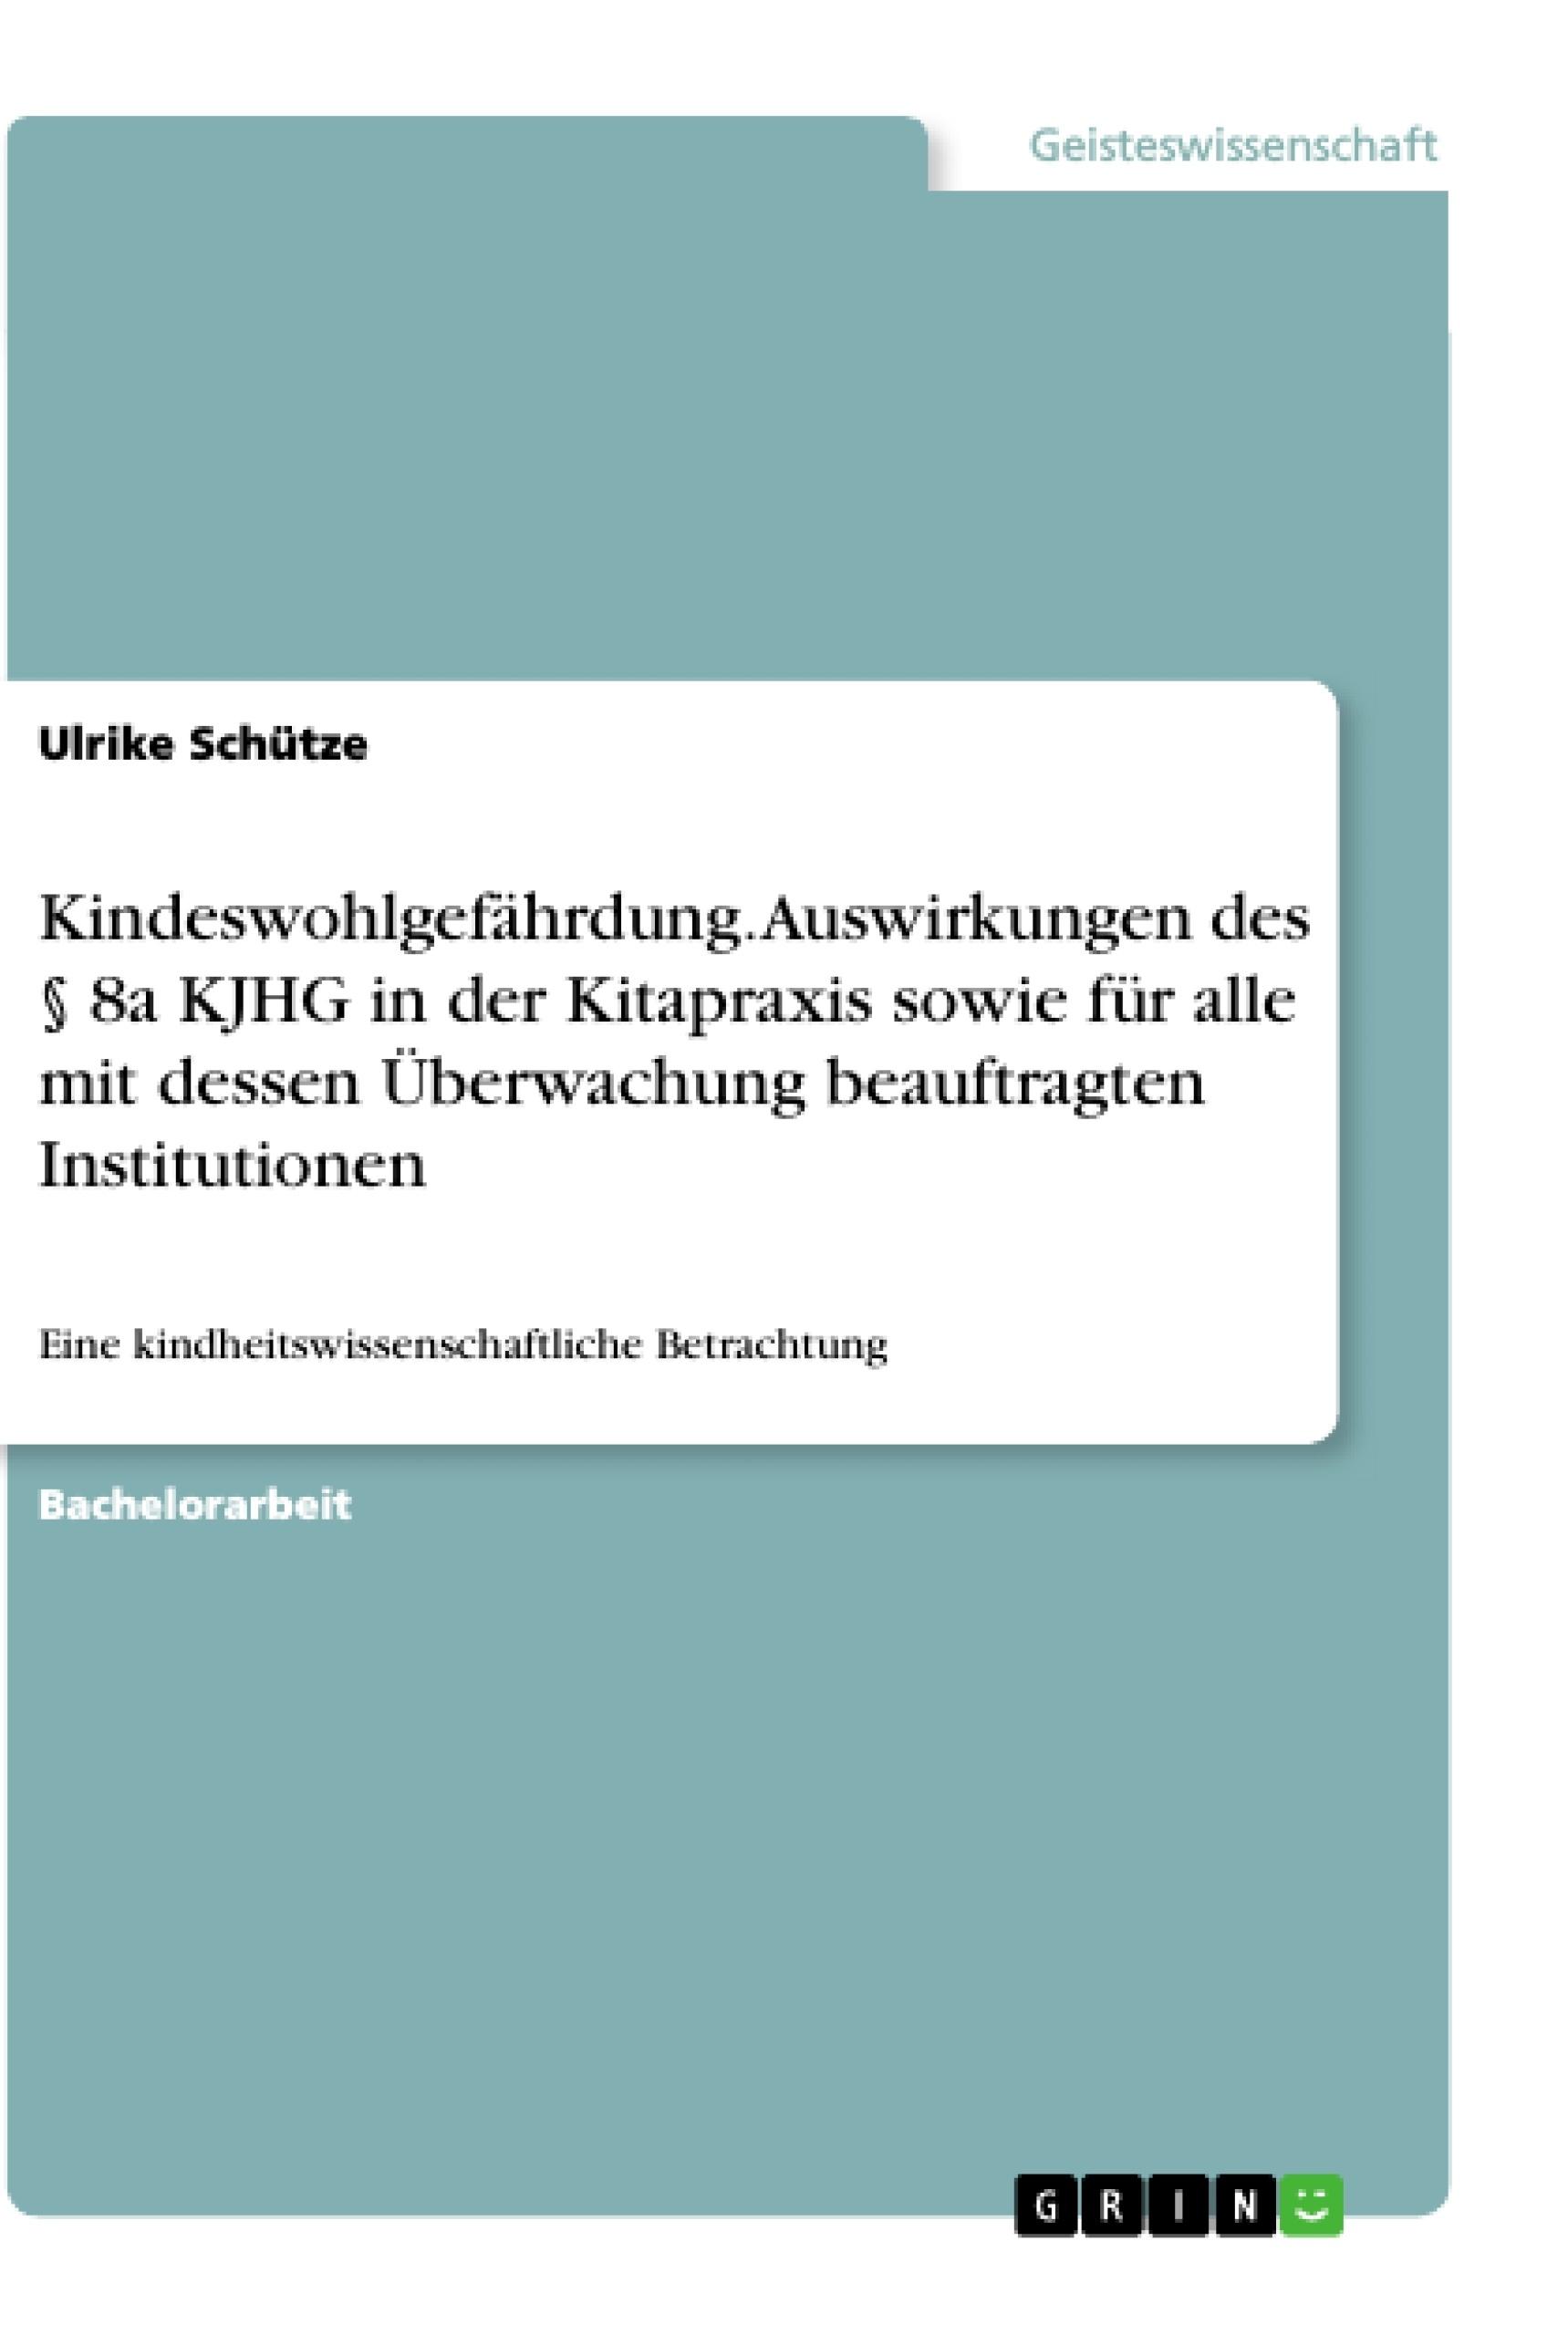 Titel: Kindeswohlgefährdung. Auswirkungen des § 8a KJHG in der Kitapraxis sowie für alle mit dessen Überwachung beauftragten Institutionen